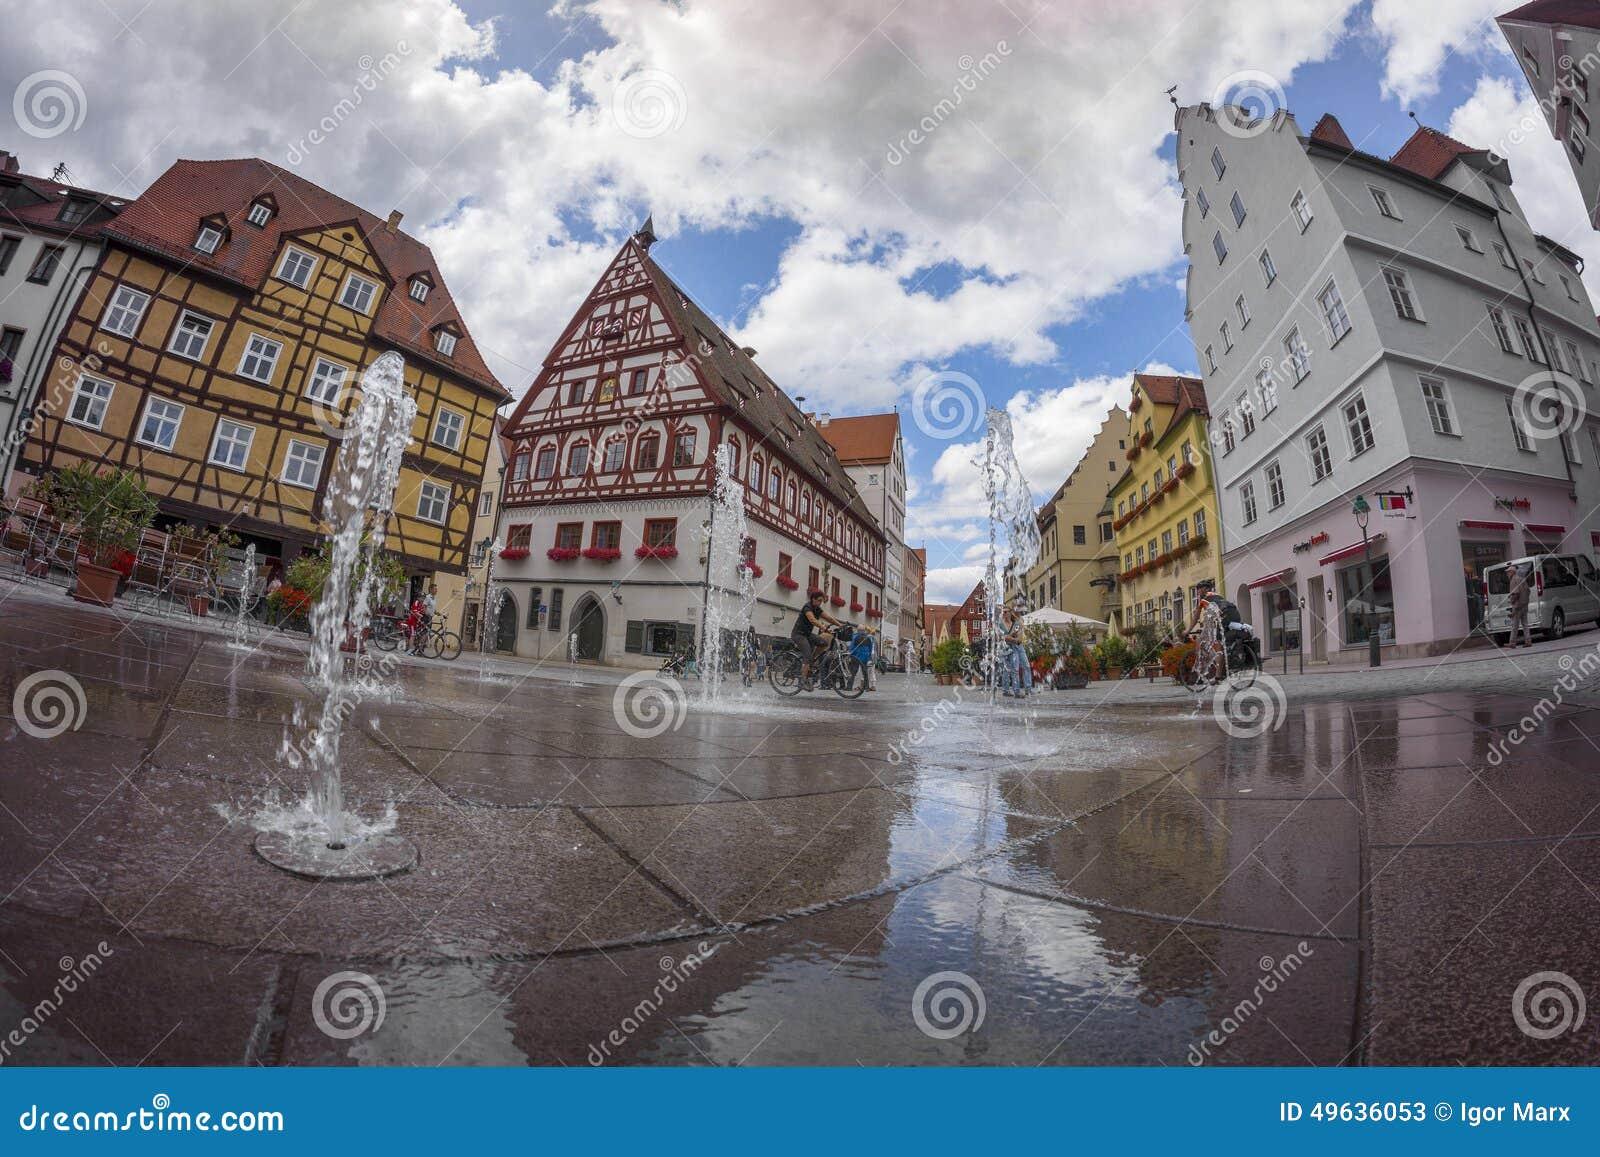 Nordlingen una citt storica sulla strada romantica in for Una citta sulla garonna